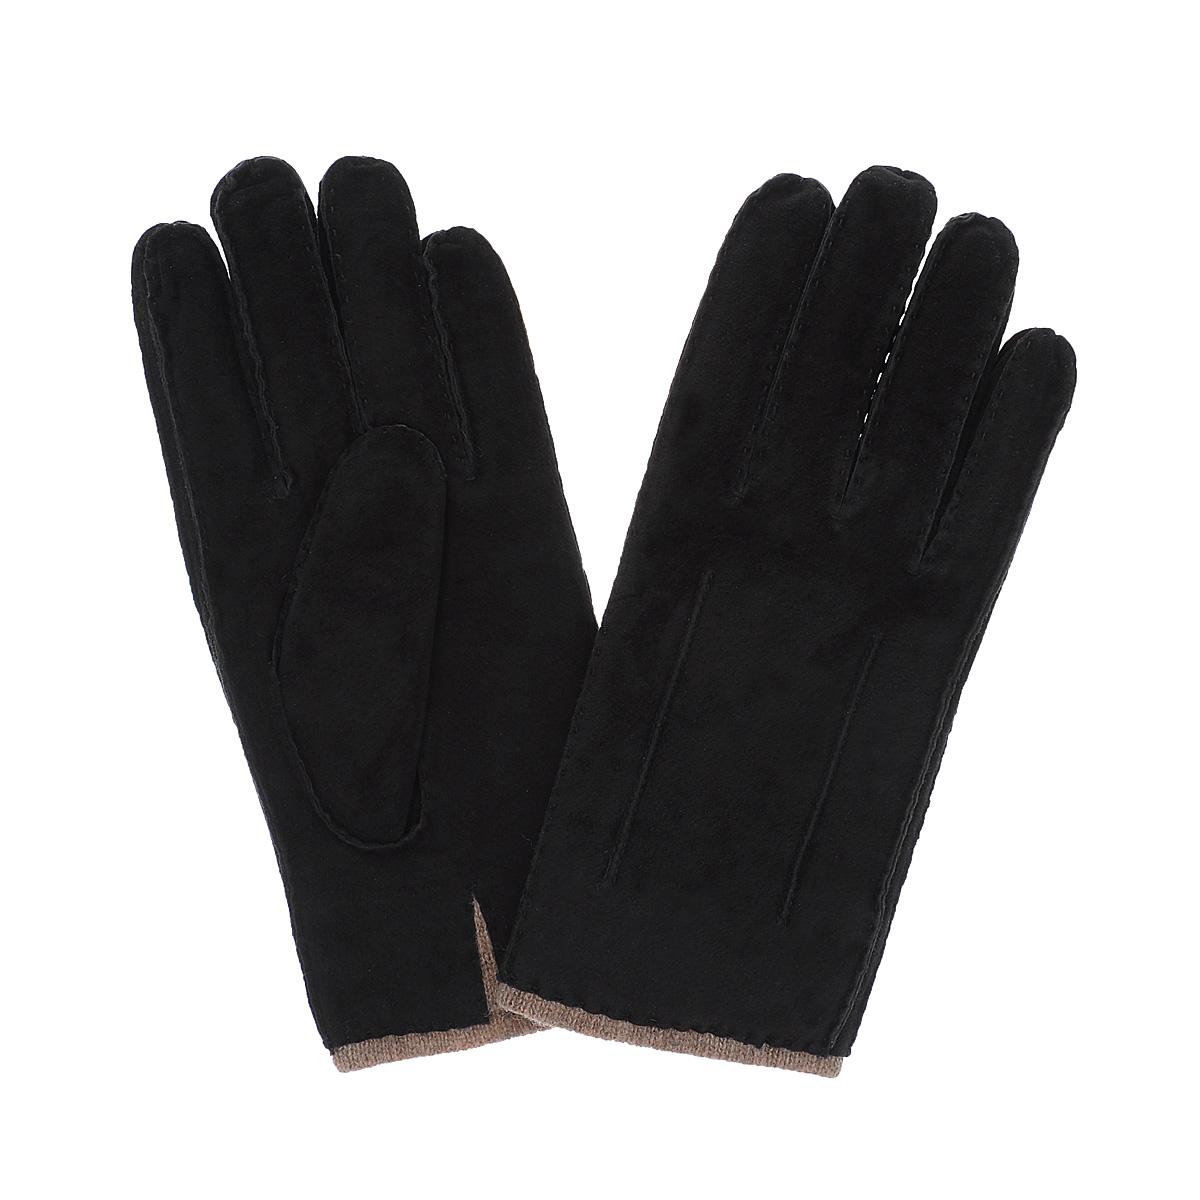 SP16_FORK/BLСтильные мужские перчатки Dali Exclusive не только защитят ваши руки, но и станут великолепным украшением. Перчатки выполнены из чрезвычайно мягкой и приятной на ощупь натуральной замши, а их подкладка - из натуральной шерсти. Перчатки с внешней стороны оформлены декоративными стежками. Модель благодаря своему лаконичному исполнению прекрасно дополнит образ любого мужчины и сделает его более стильным, придав тонкую нотку брутальности. Создайте элегантный образ и подчеркните свою яркую индивидуальность новым аксессуаром!